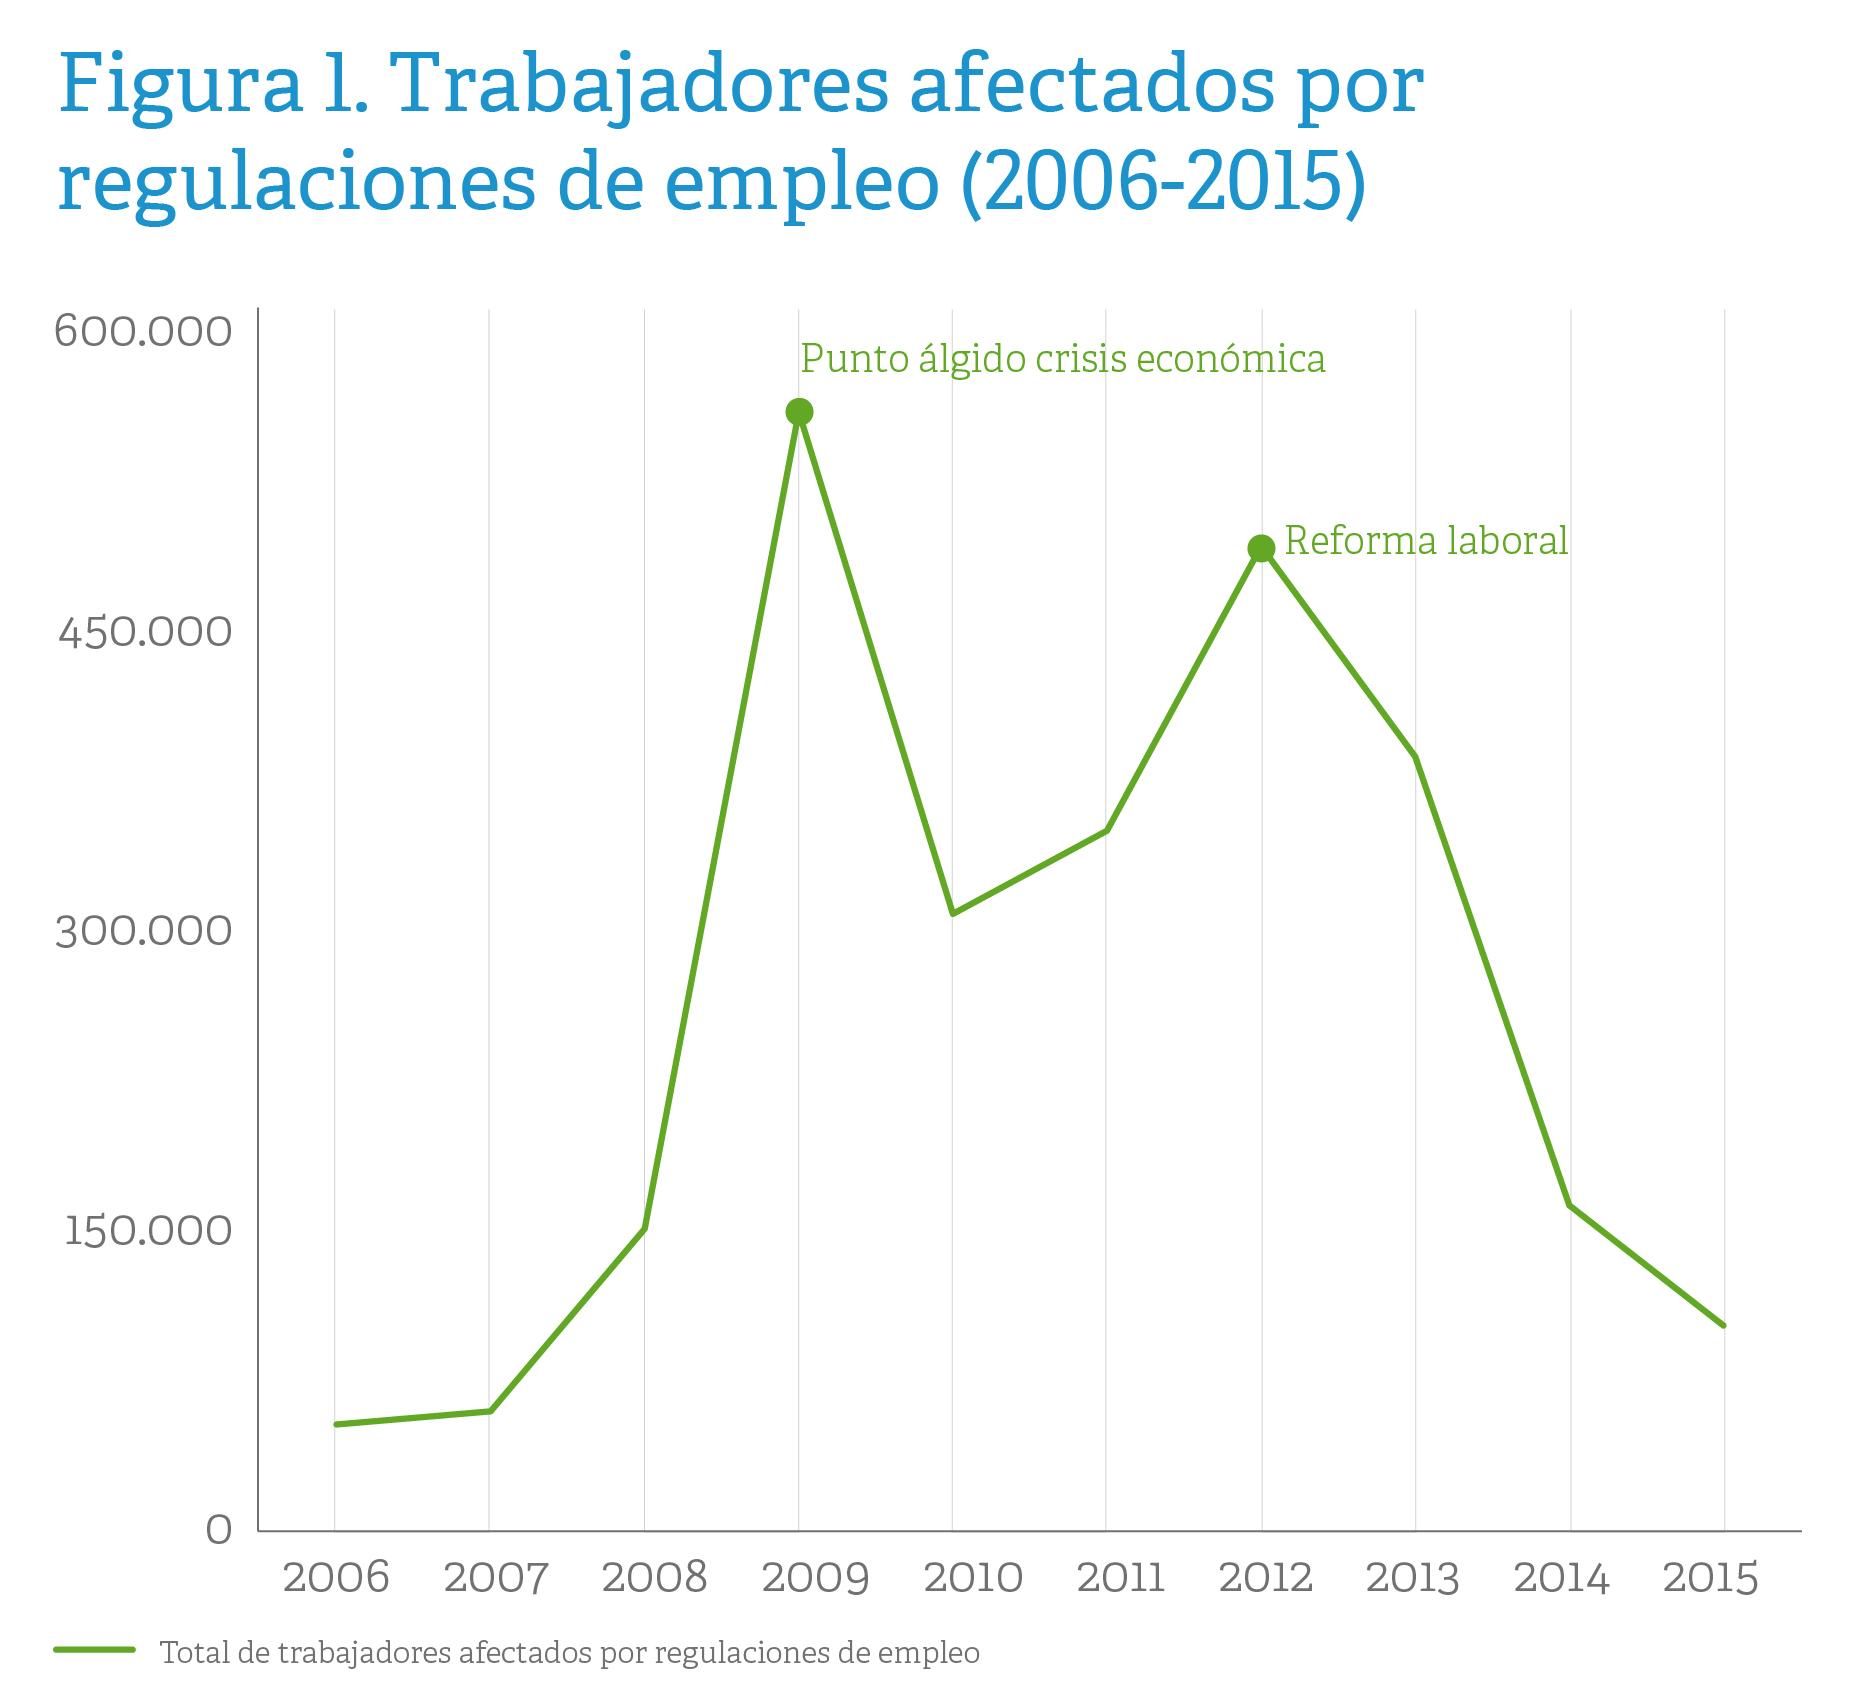 Fuente: Ministerio de Empleo y Seguridad Social y COnsejo General del Poder Judicial